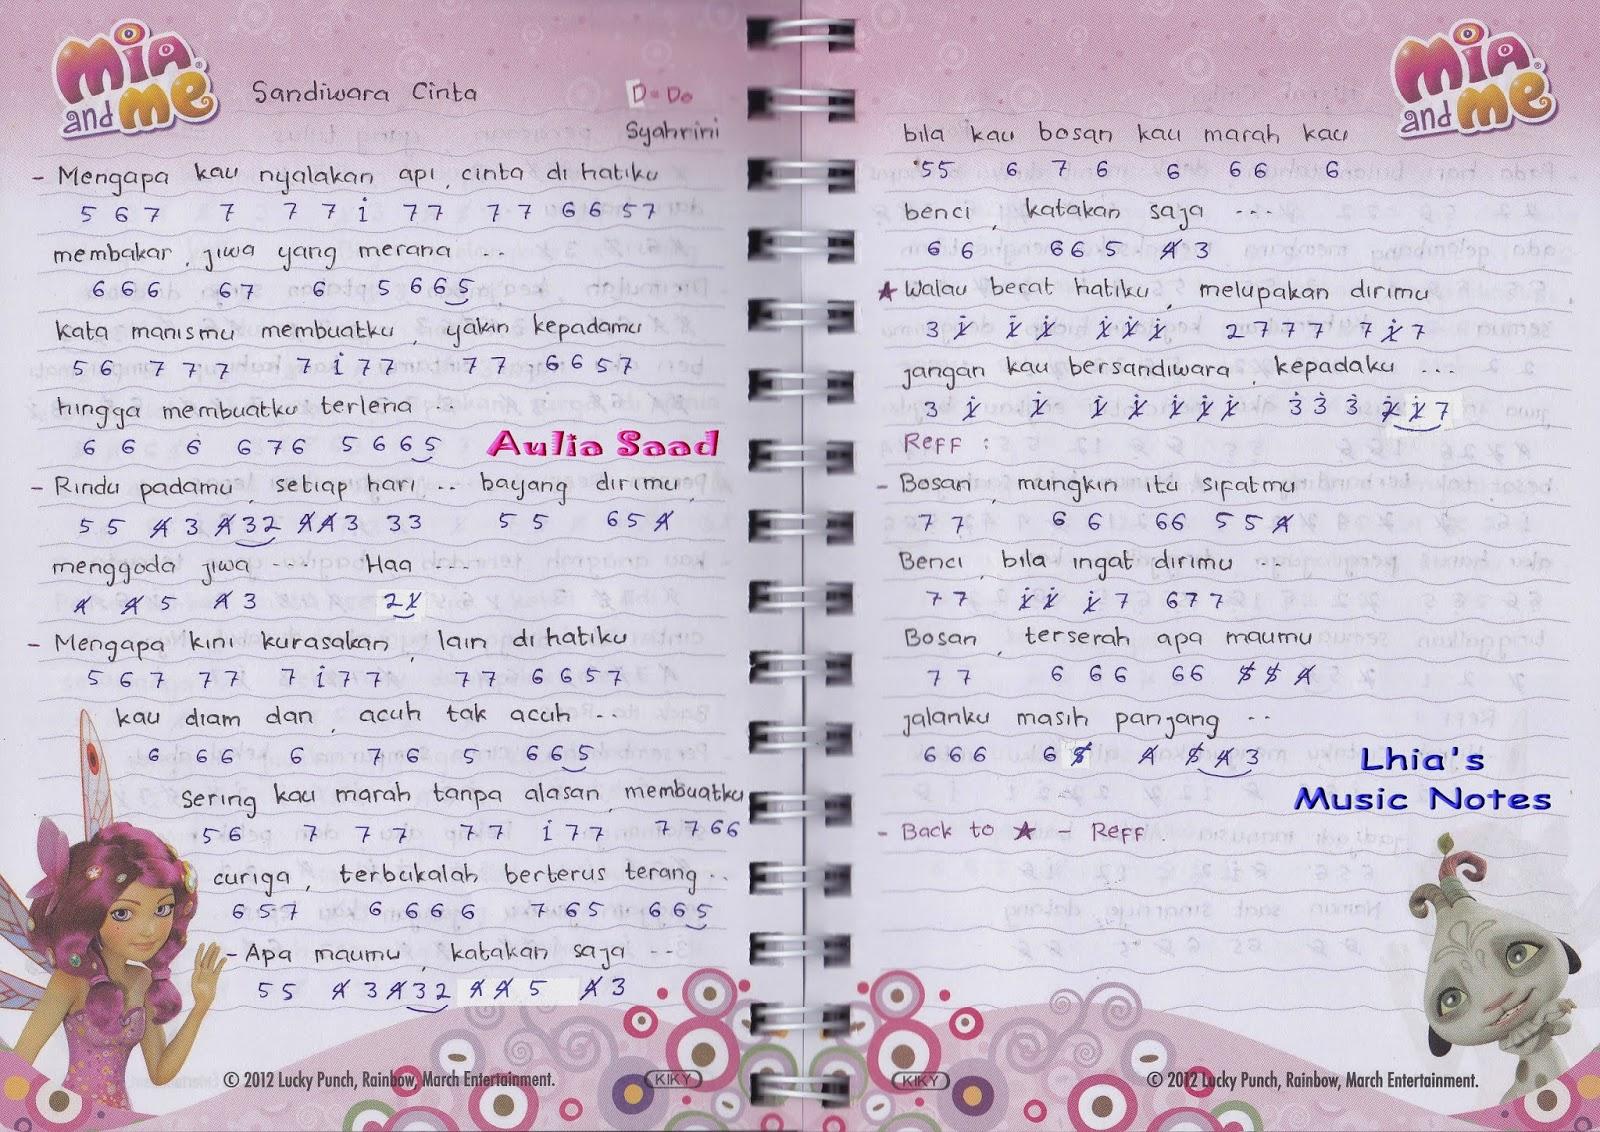 Lirik Lagu Papinka Sayang Terima Kasih Untuk Semua